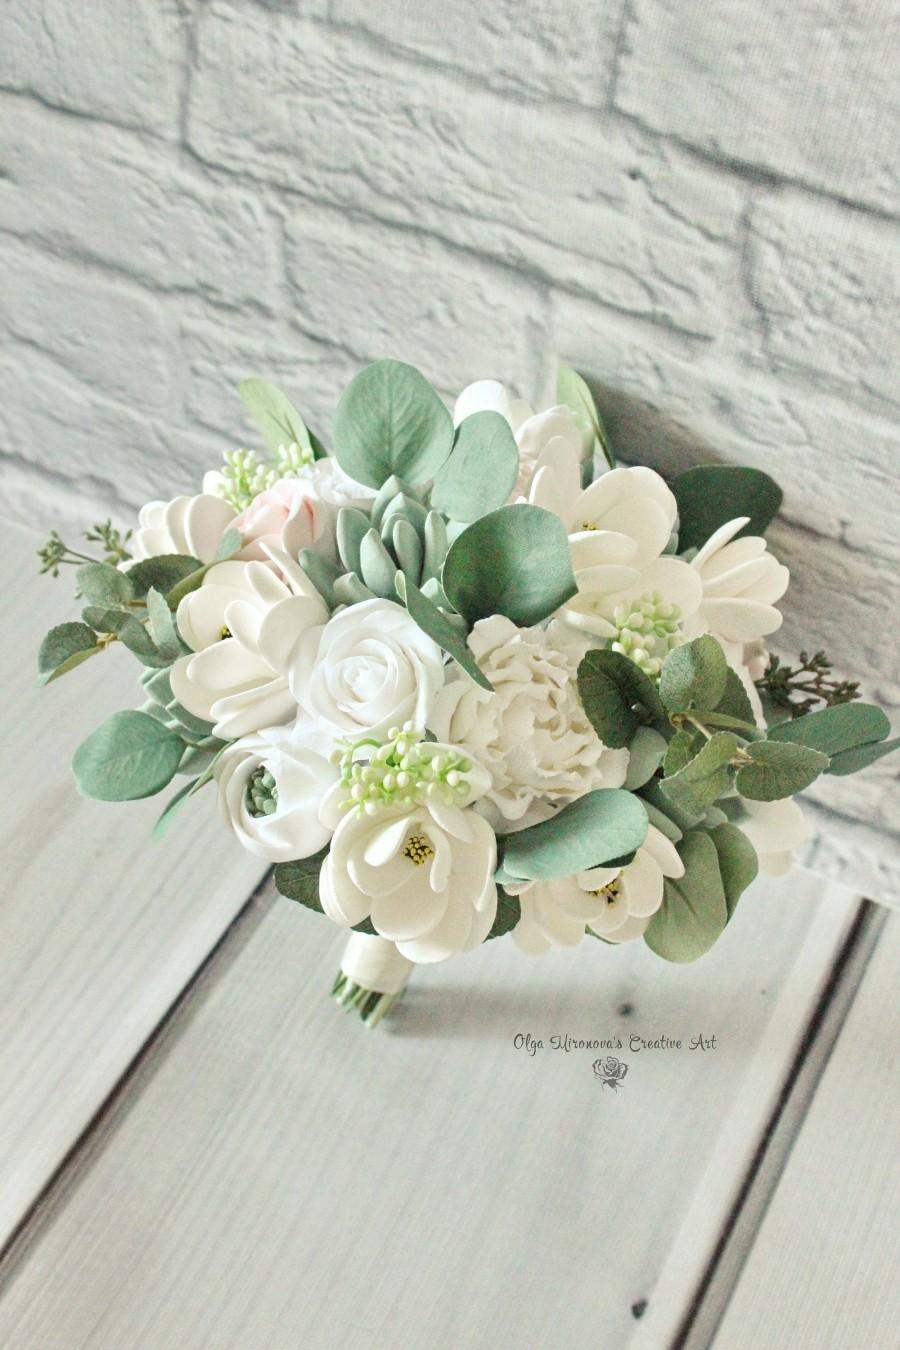 Mariage - Magnolia bouquet Succulent bouquet Keepsake wedding bouquet White wedding bouquet Garden bouquet Boho wedding bouquet Eucalyptus bouquet